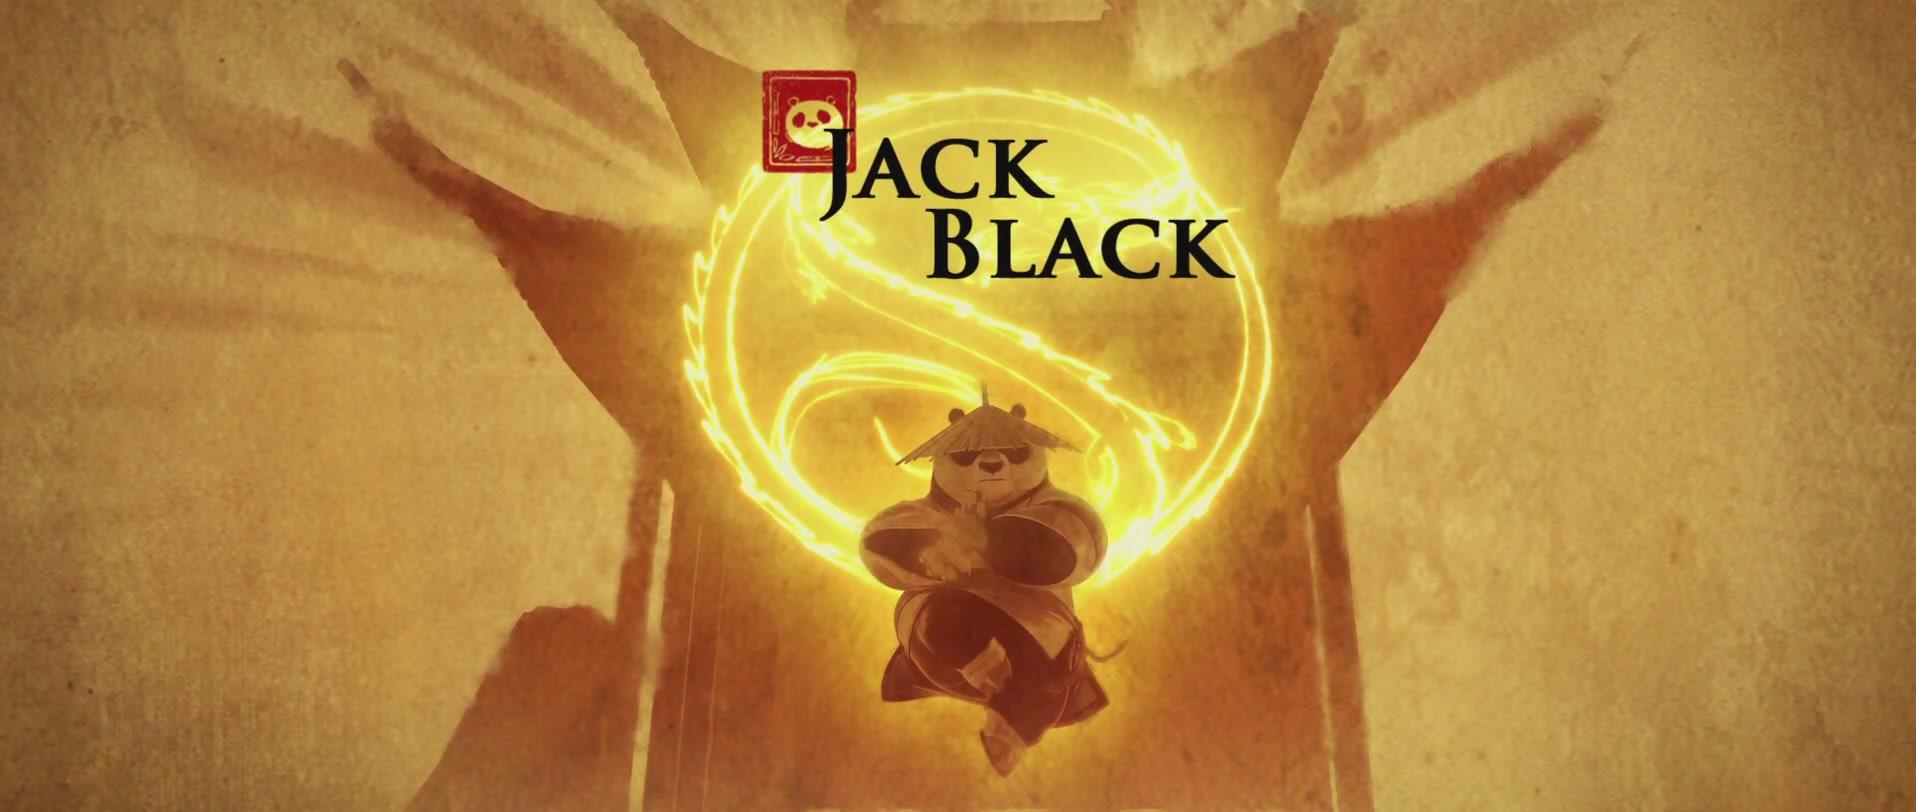 Джек Блек из панда кунг-фу 3